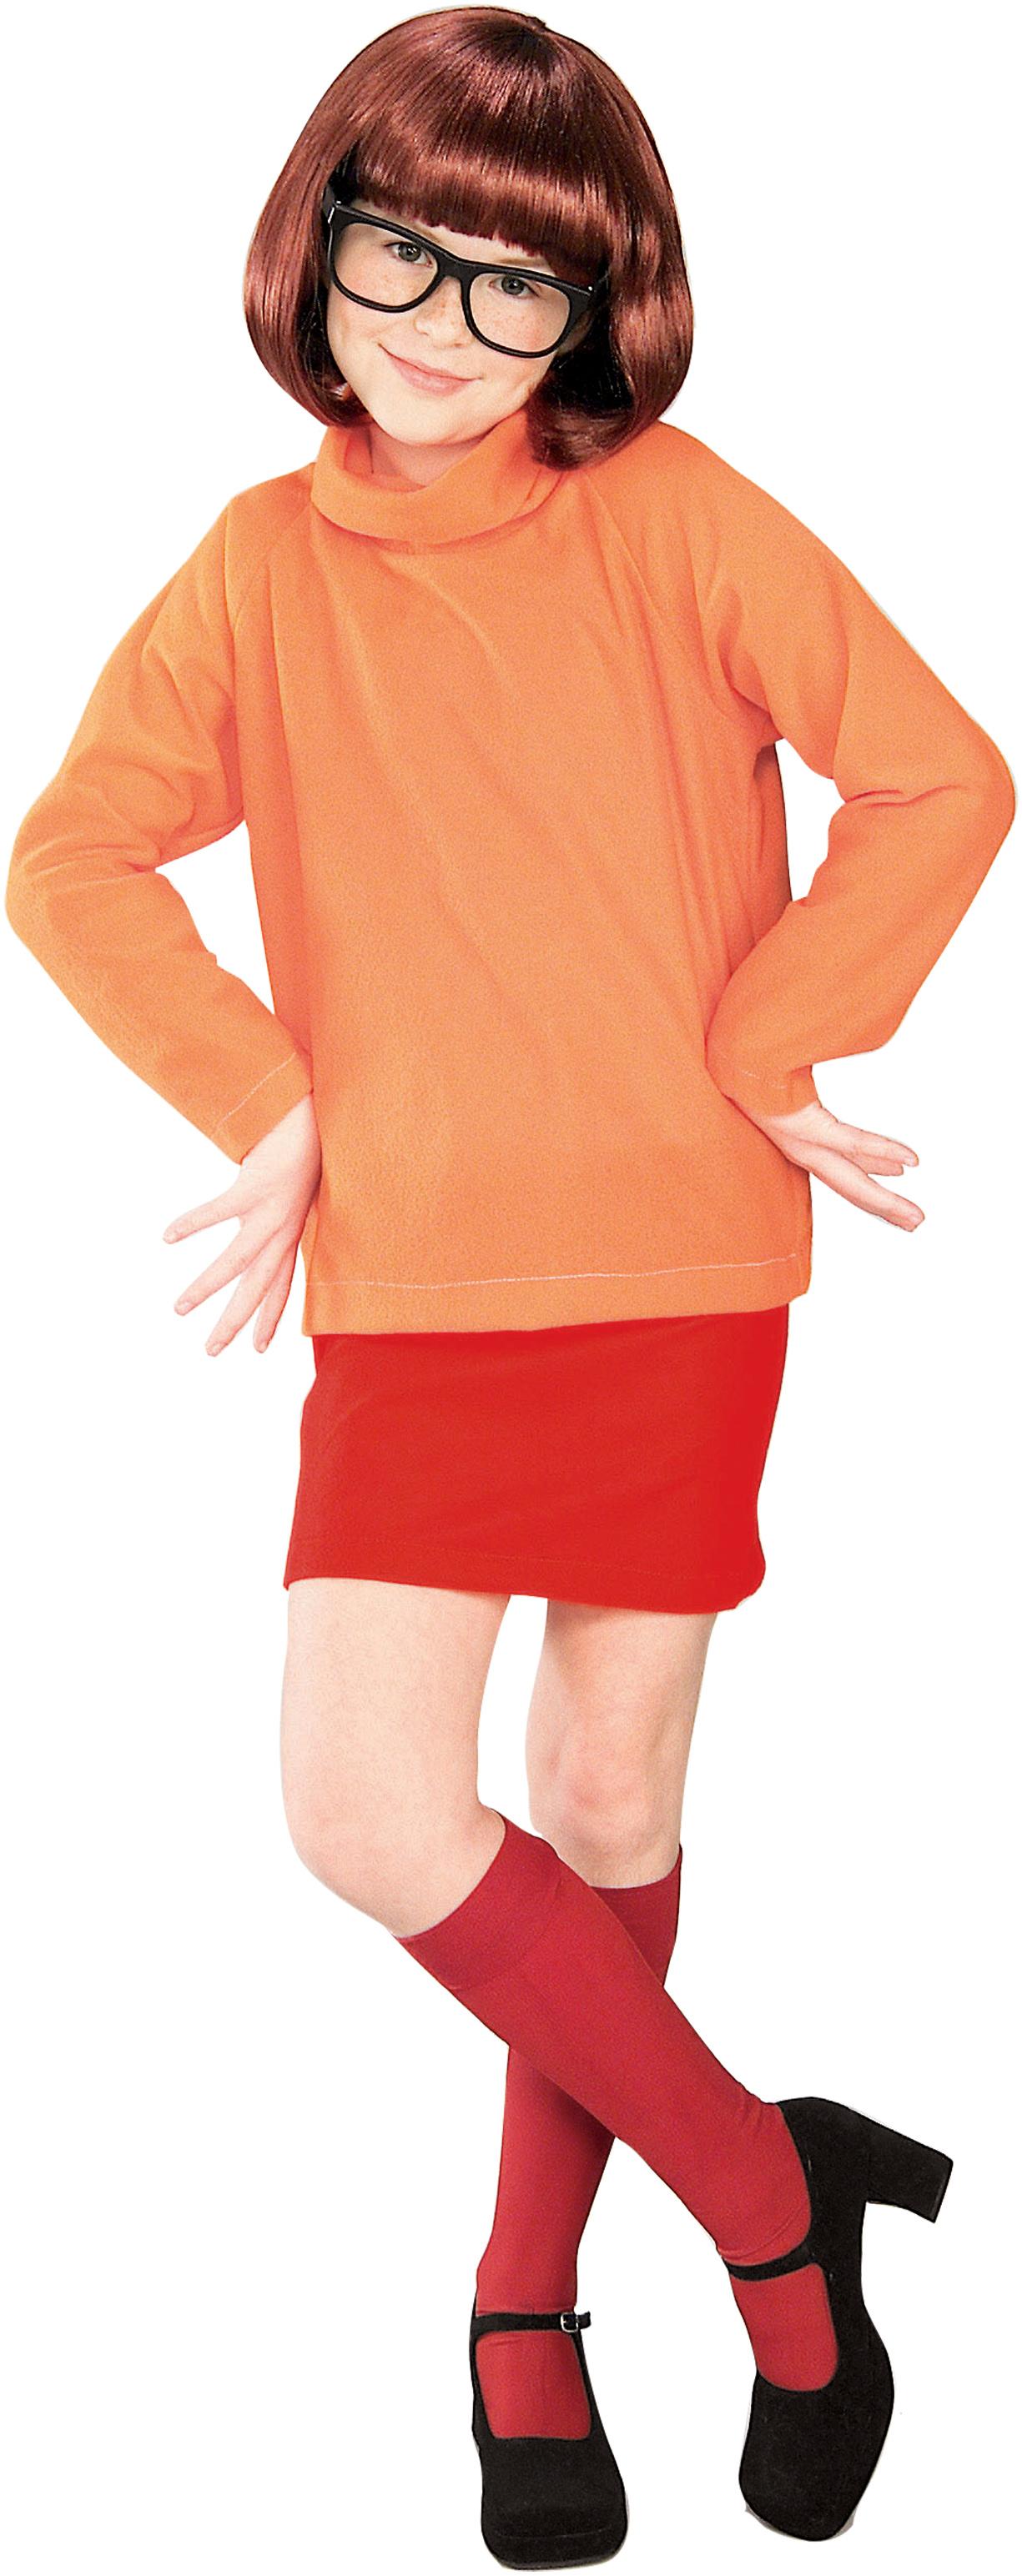 Scooby-Doo Velma Child Costume